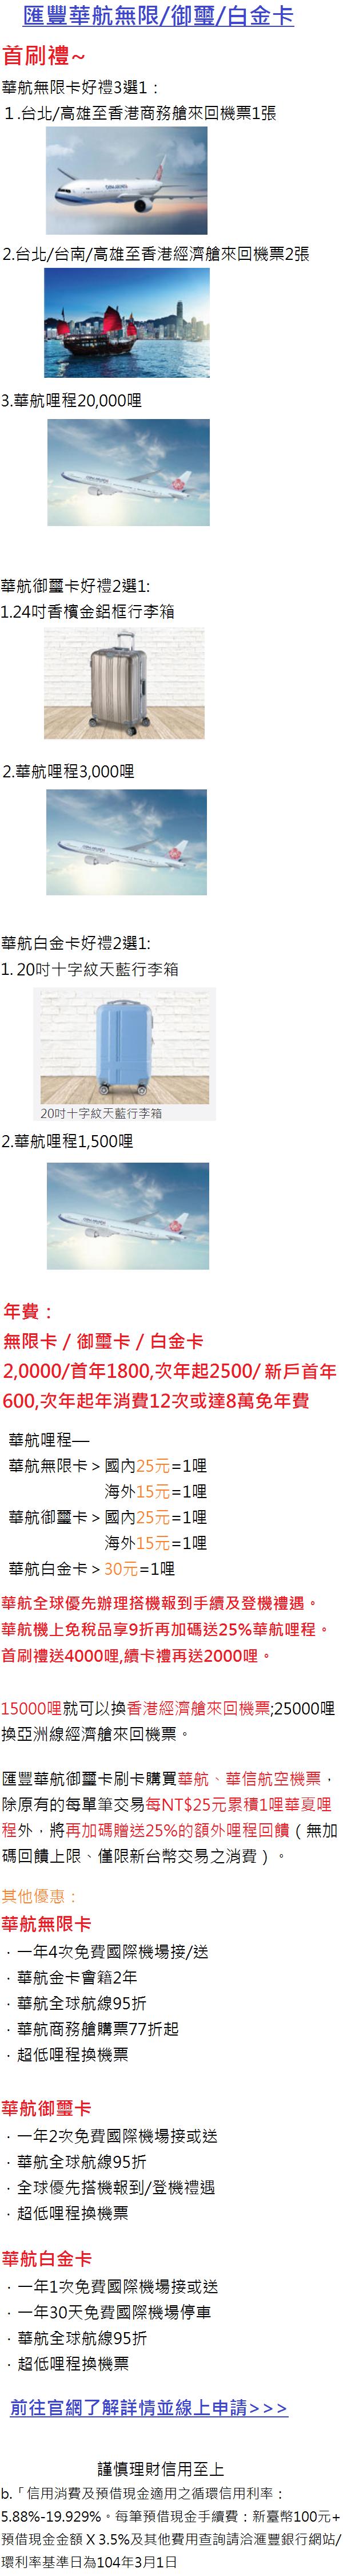 匯豐華航聯名卡20171231-1.png